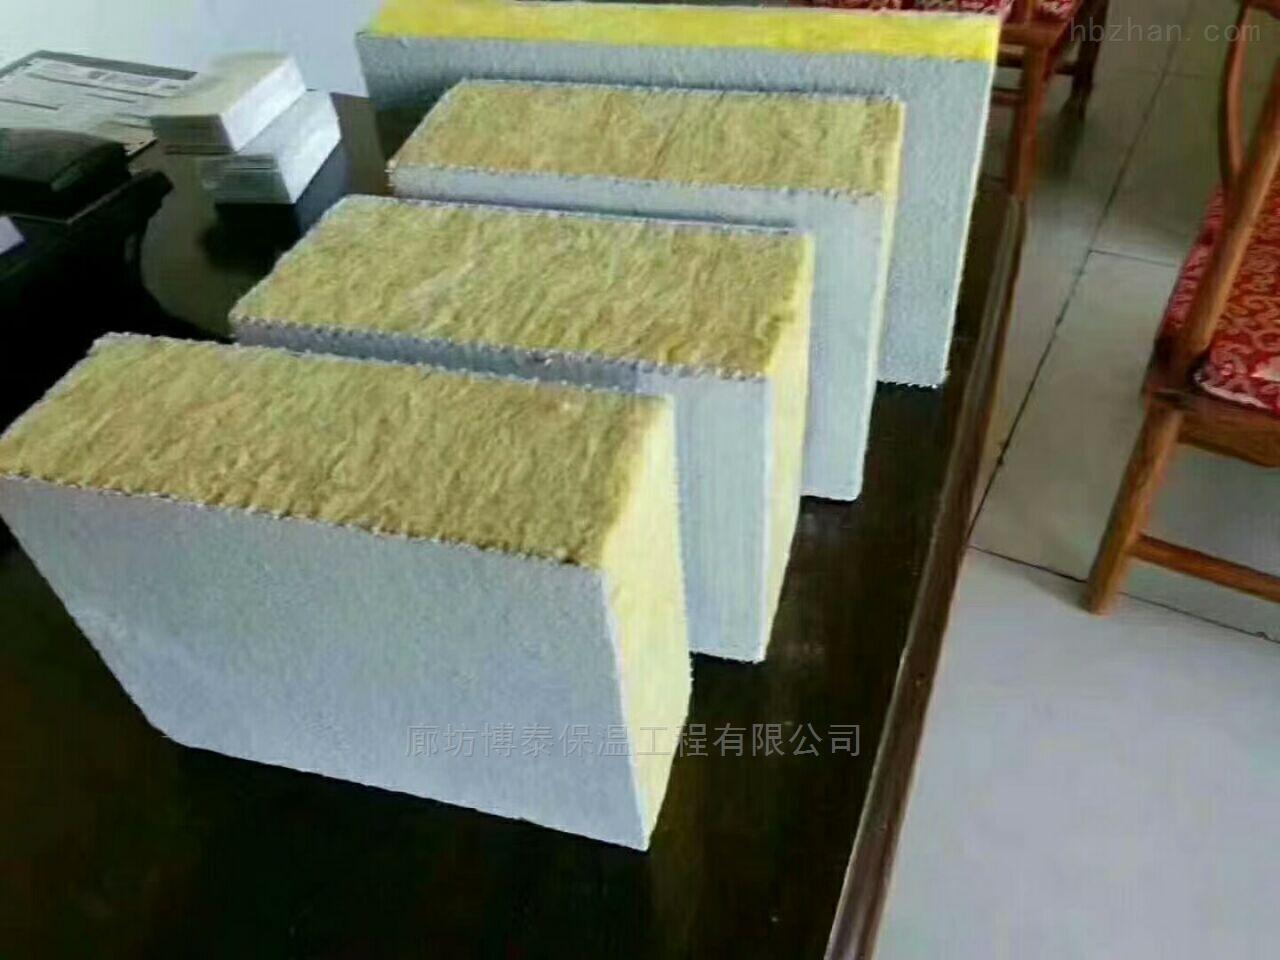 廊坊博泰外墙竖丝岩棉板生产厂家